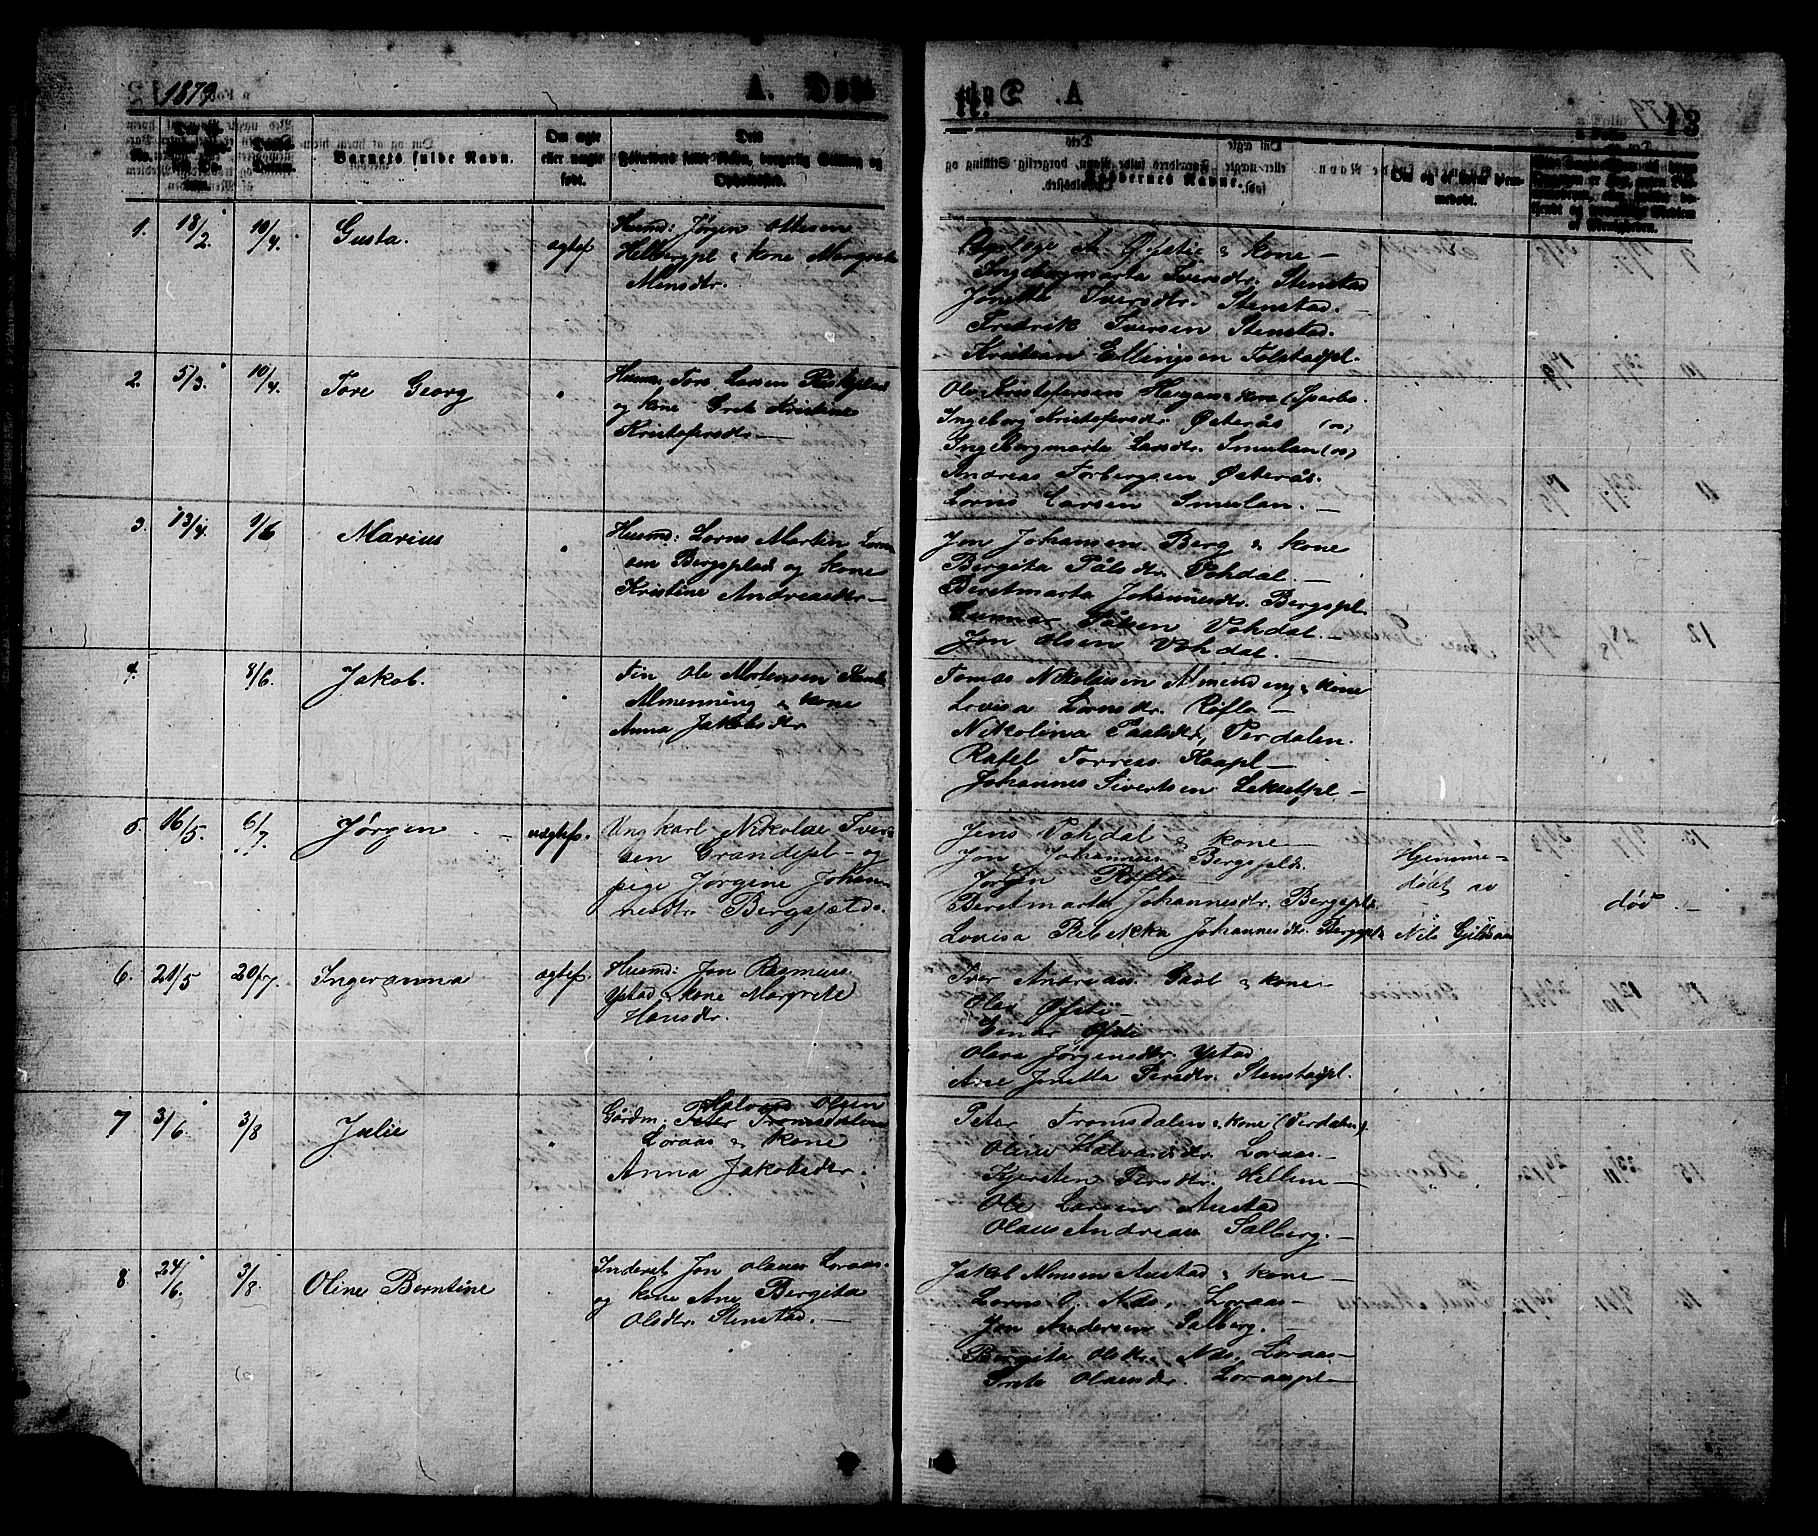 SAT, Ministerialprotokoller, klokkerbøker og fødselsregistre - Nord-Trøndelag, 731/L0311: Klokkerbok nr. 731C02, 1875-1911, s. 13